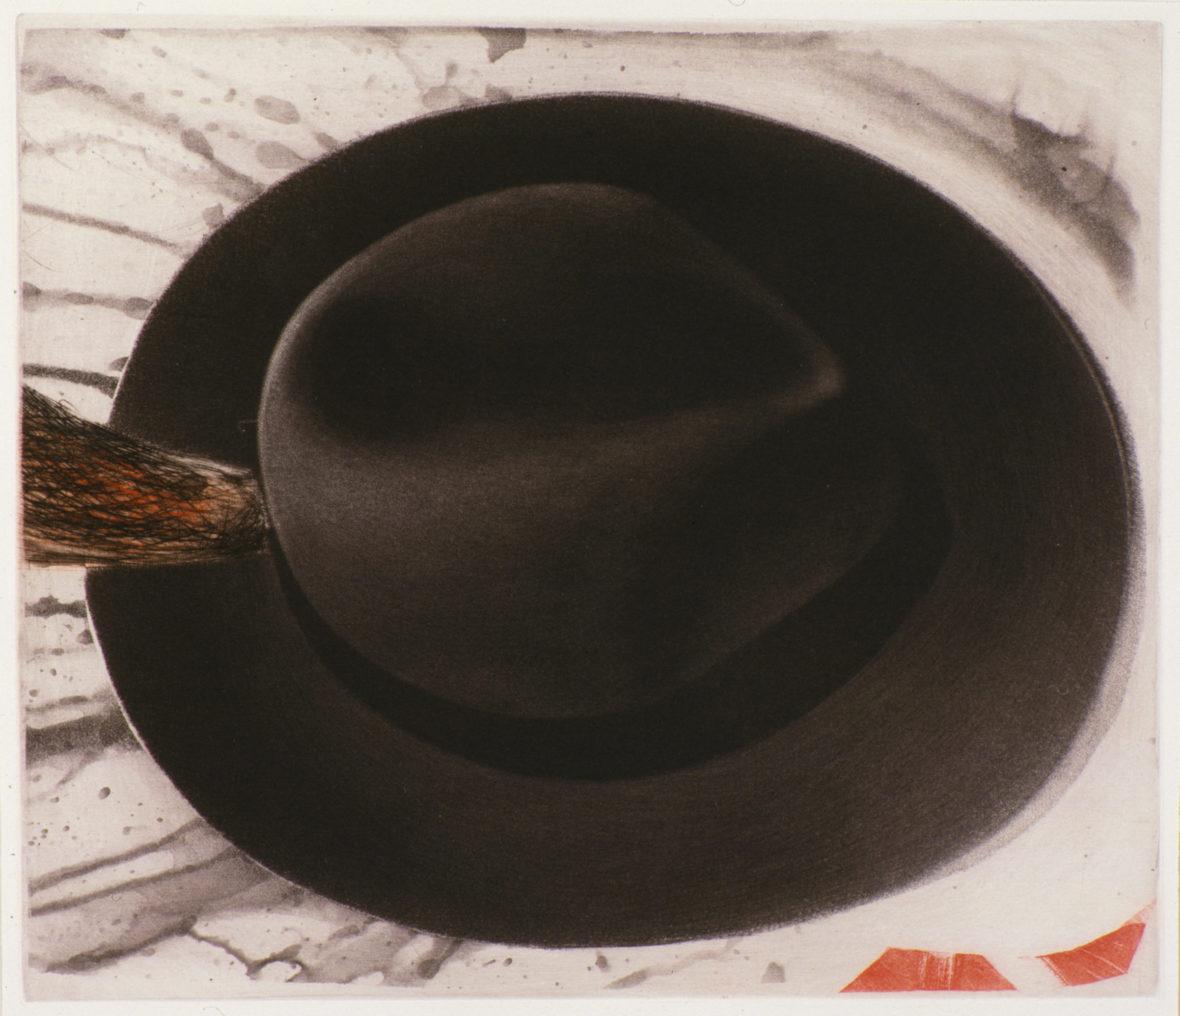 Maalarin hattu 1 / The Painter's Hat 1